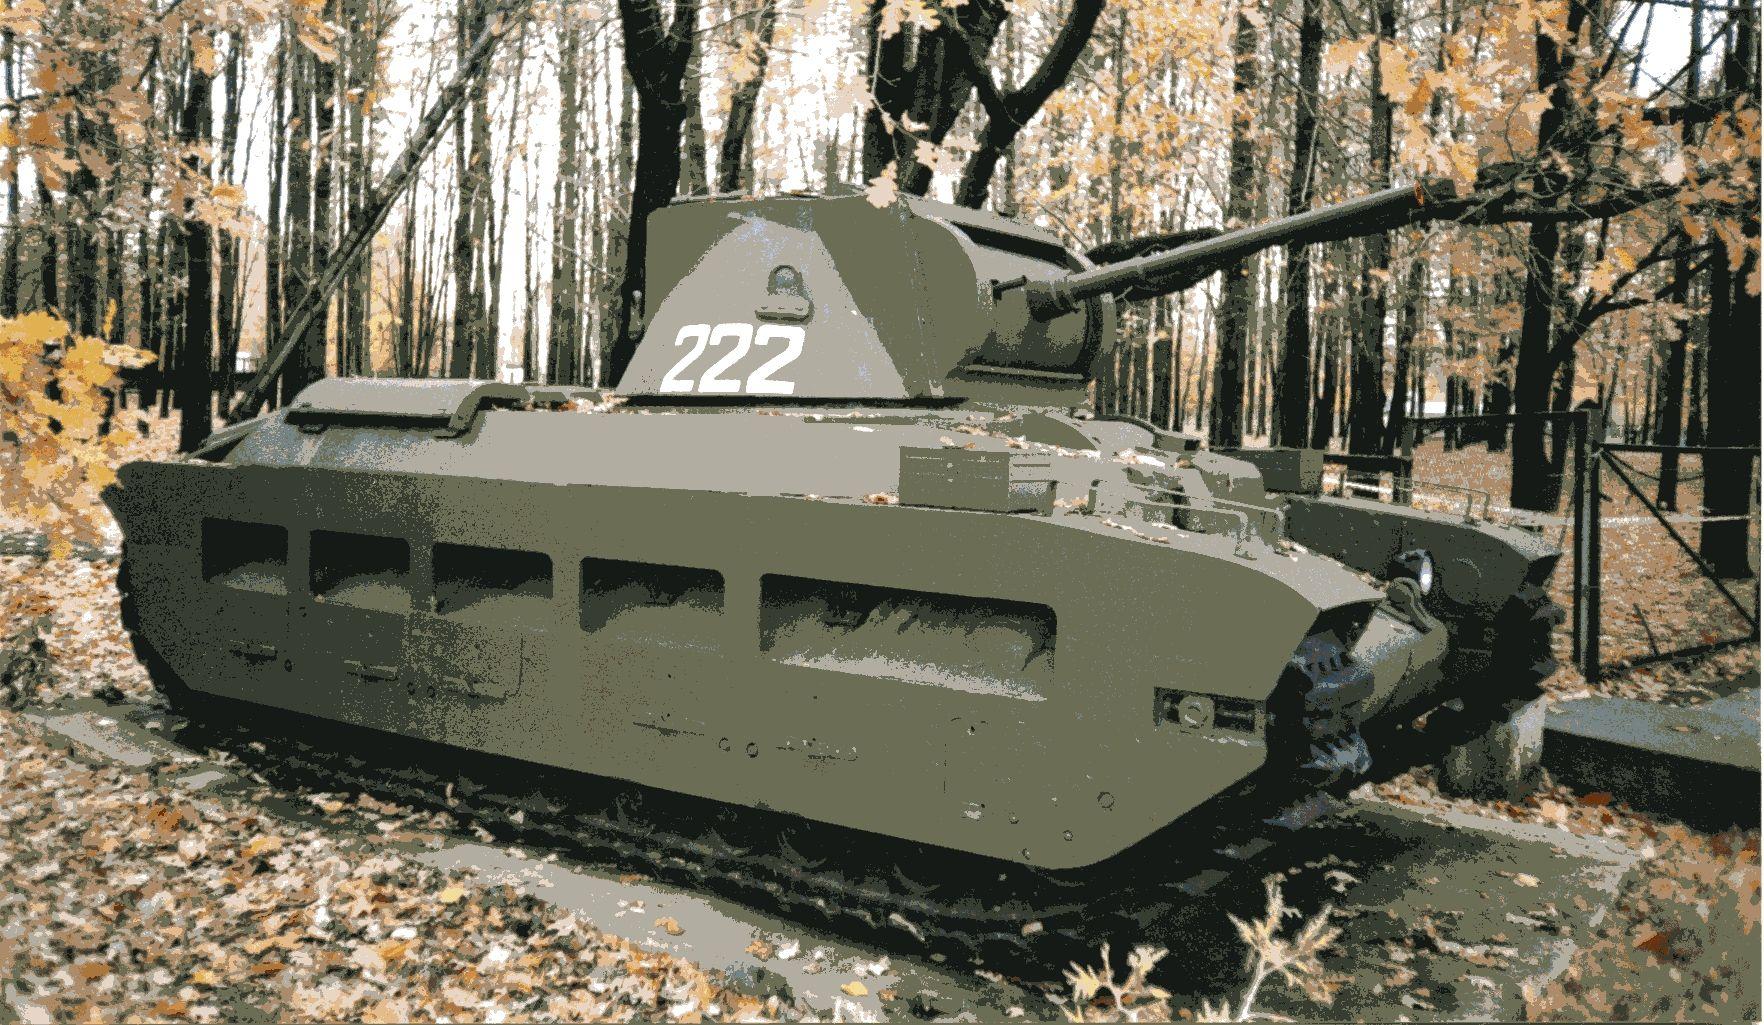 U041012 Infantry Tank  U041c U043a  Ii  U0026quot Matilda U0026quot  Iii  U0441  U0434 U0438 U0437 U0435 U043b U0435 U043c  U0026quot  U041b U0435 U0439 U043b U0430 U043d U0434